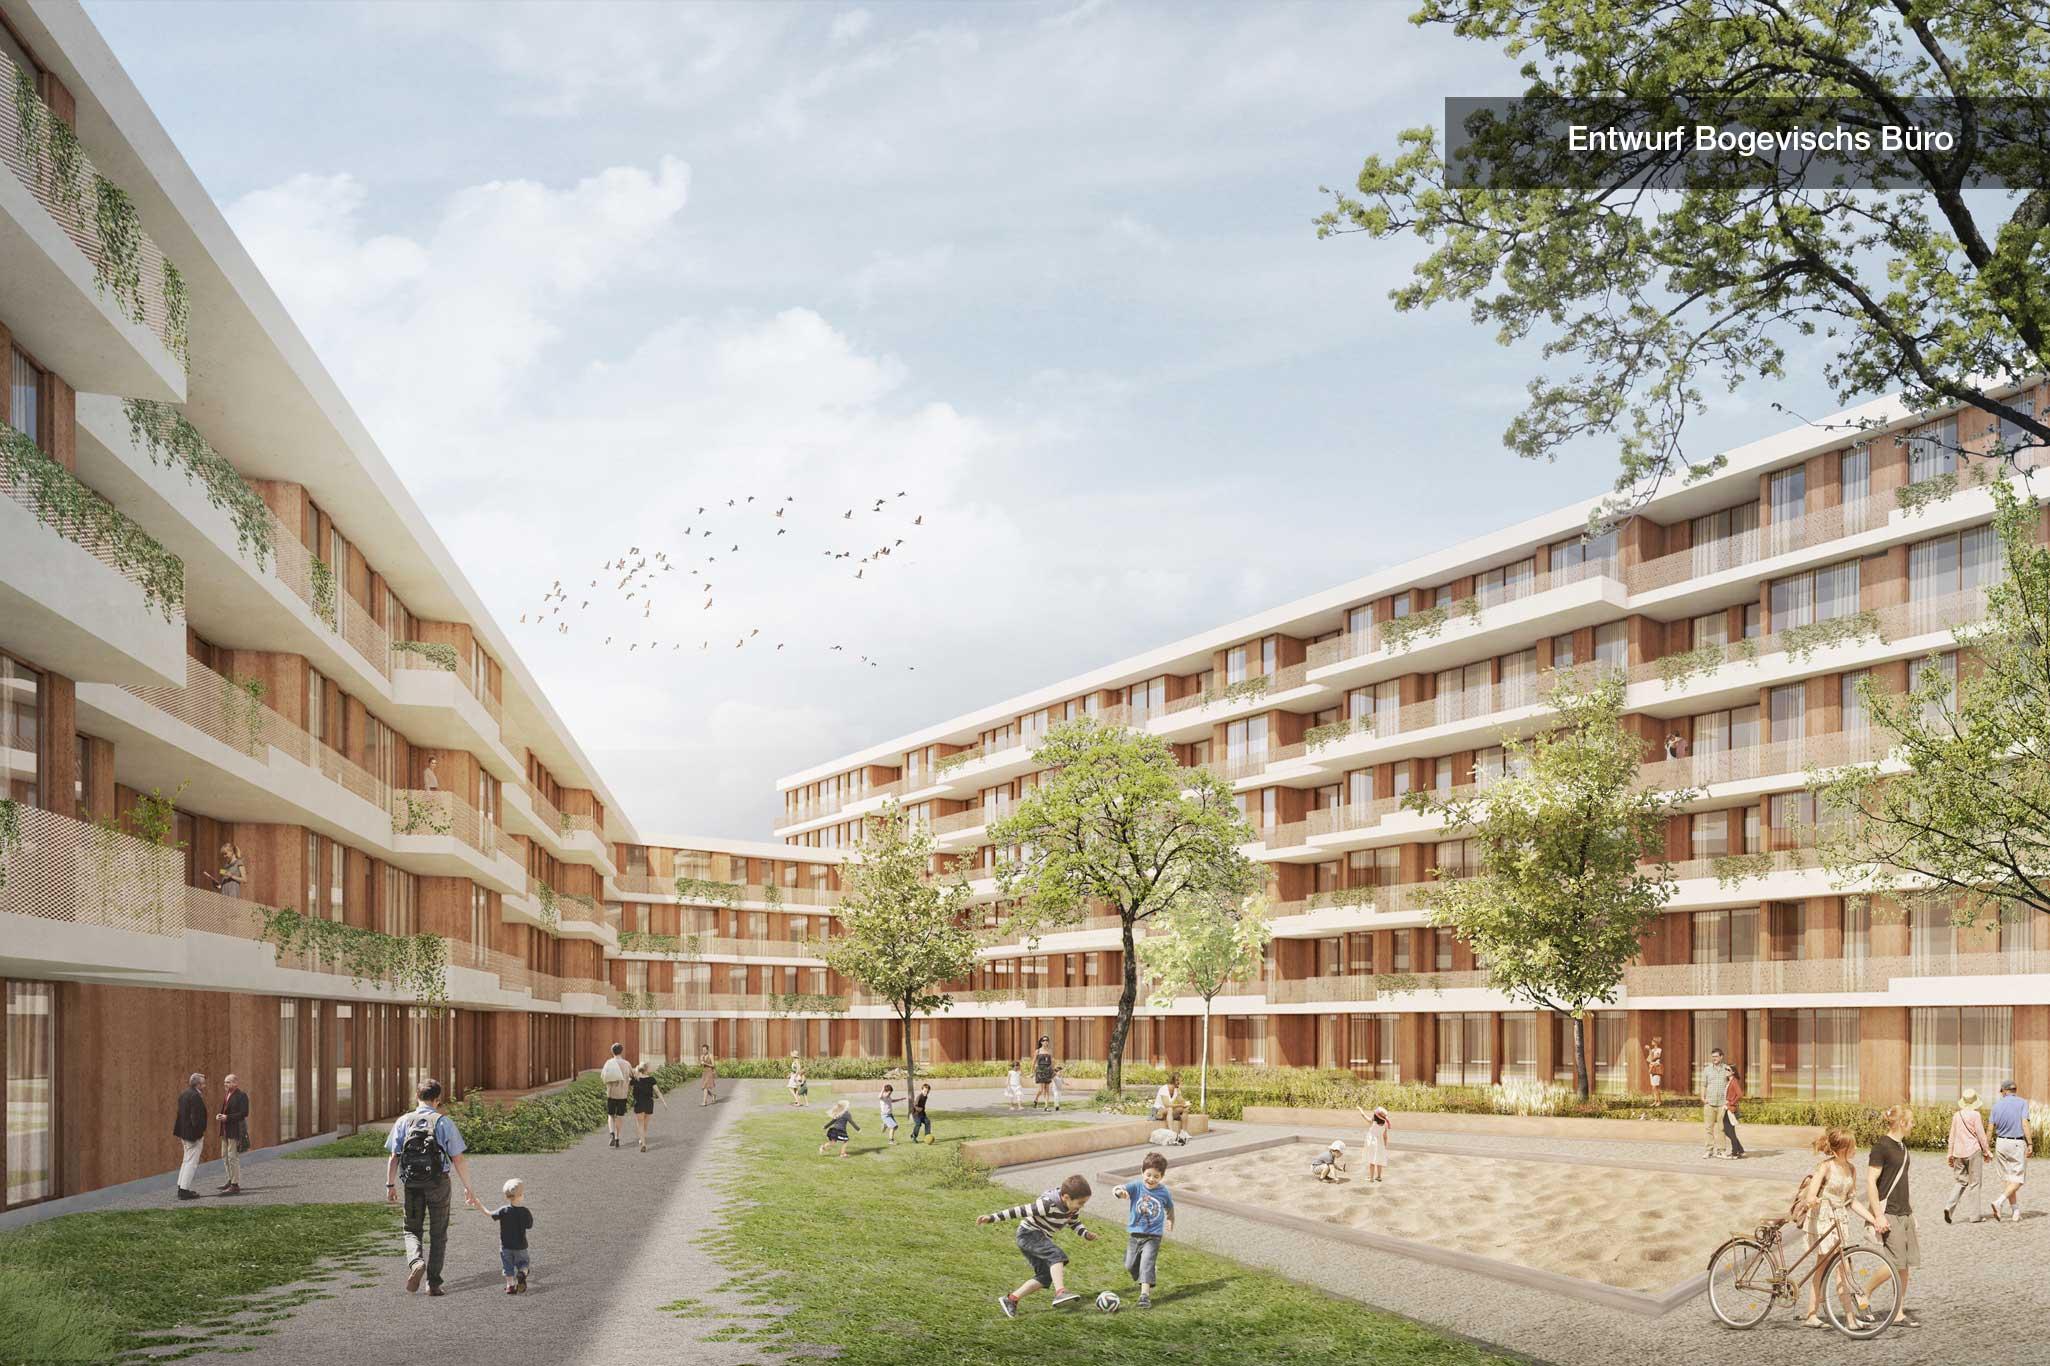 Entwurf Bogevischs Büro Innenhof